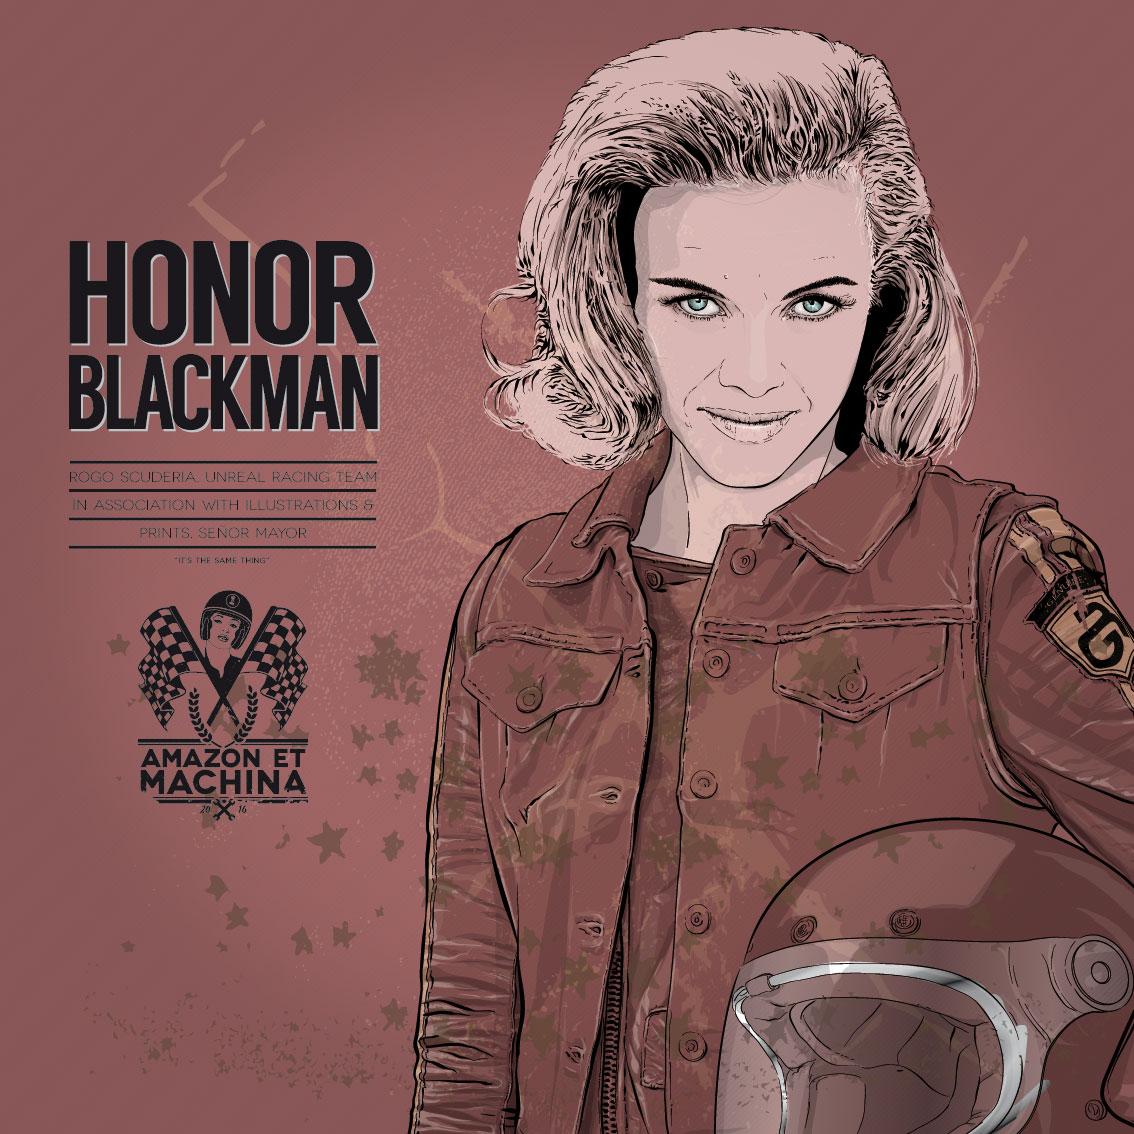 Honor y su Vincent Black Shadow. Retrato Amazon et machina